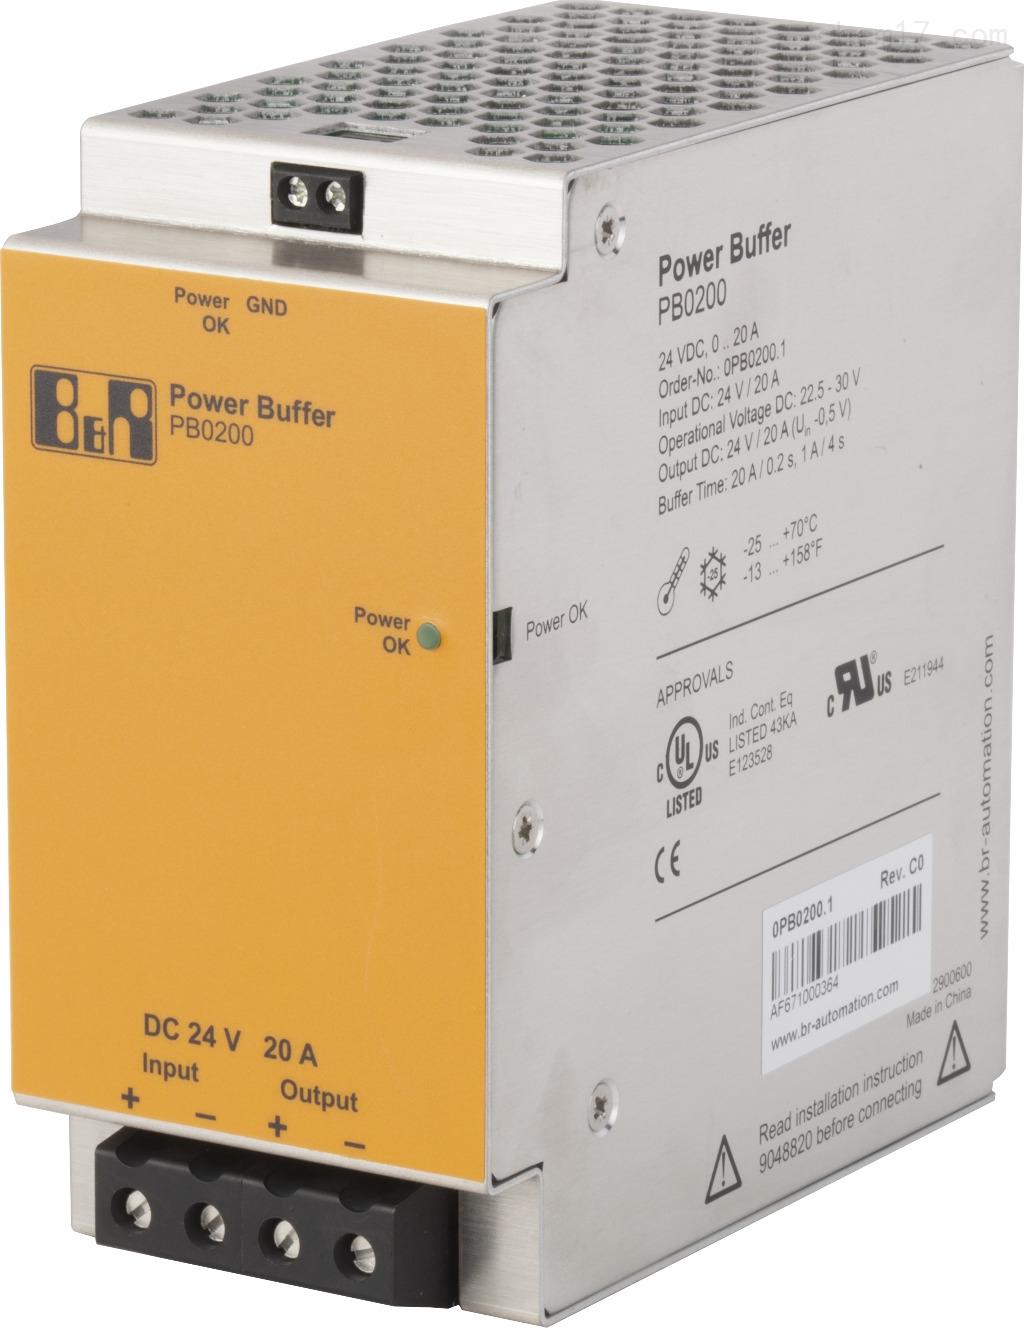 贝加莱电源缓冲模块